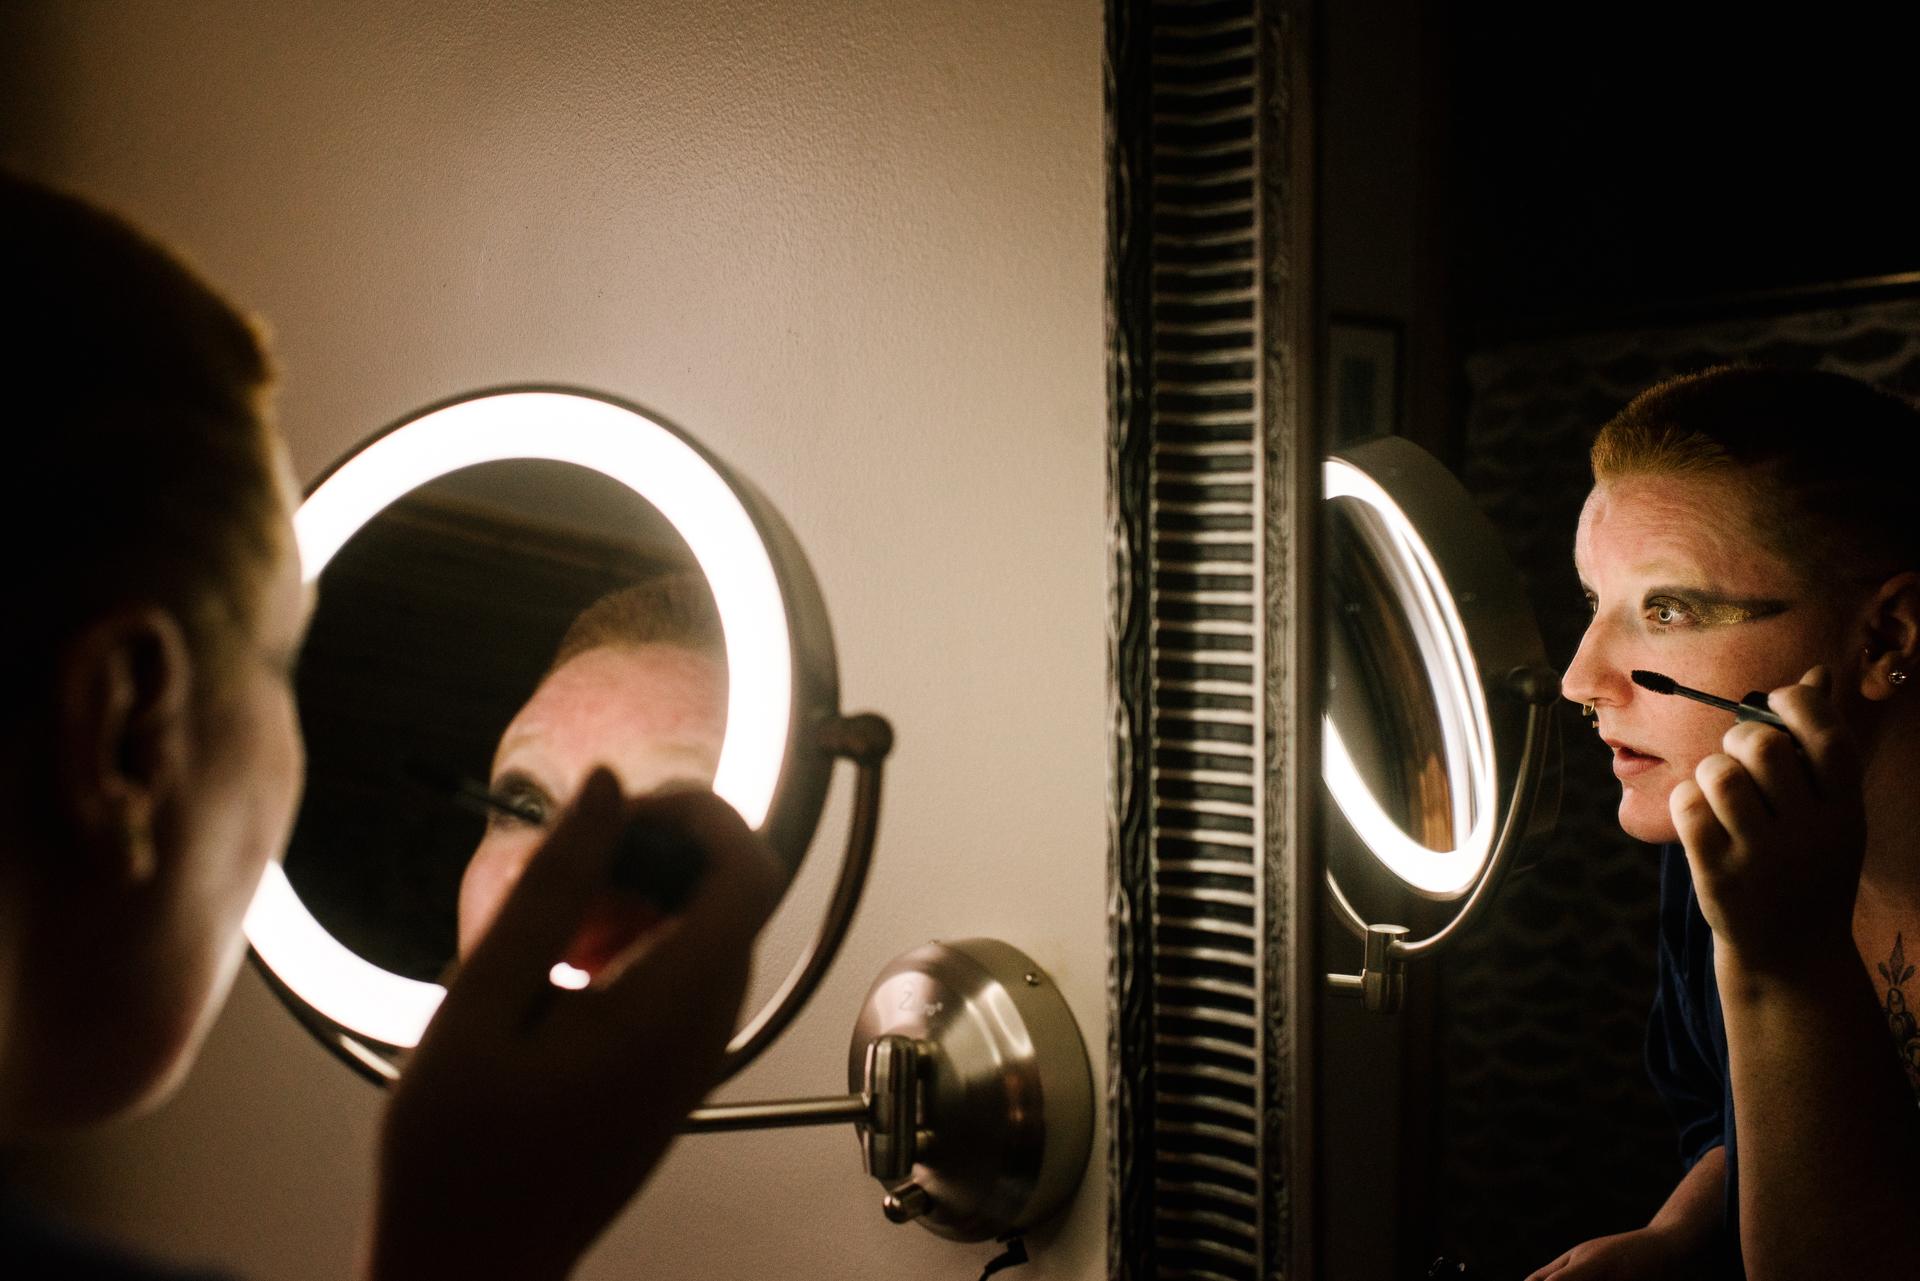 Ontário casamento noiva preparação imagem | A noiva faz a maquiagem na manhã do evento